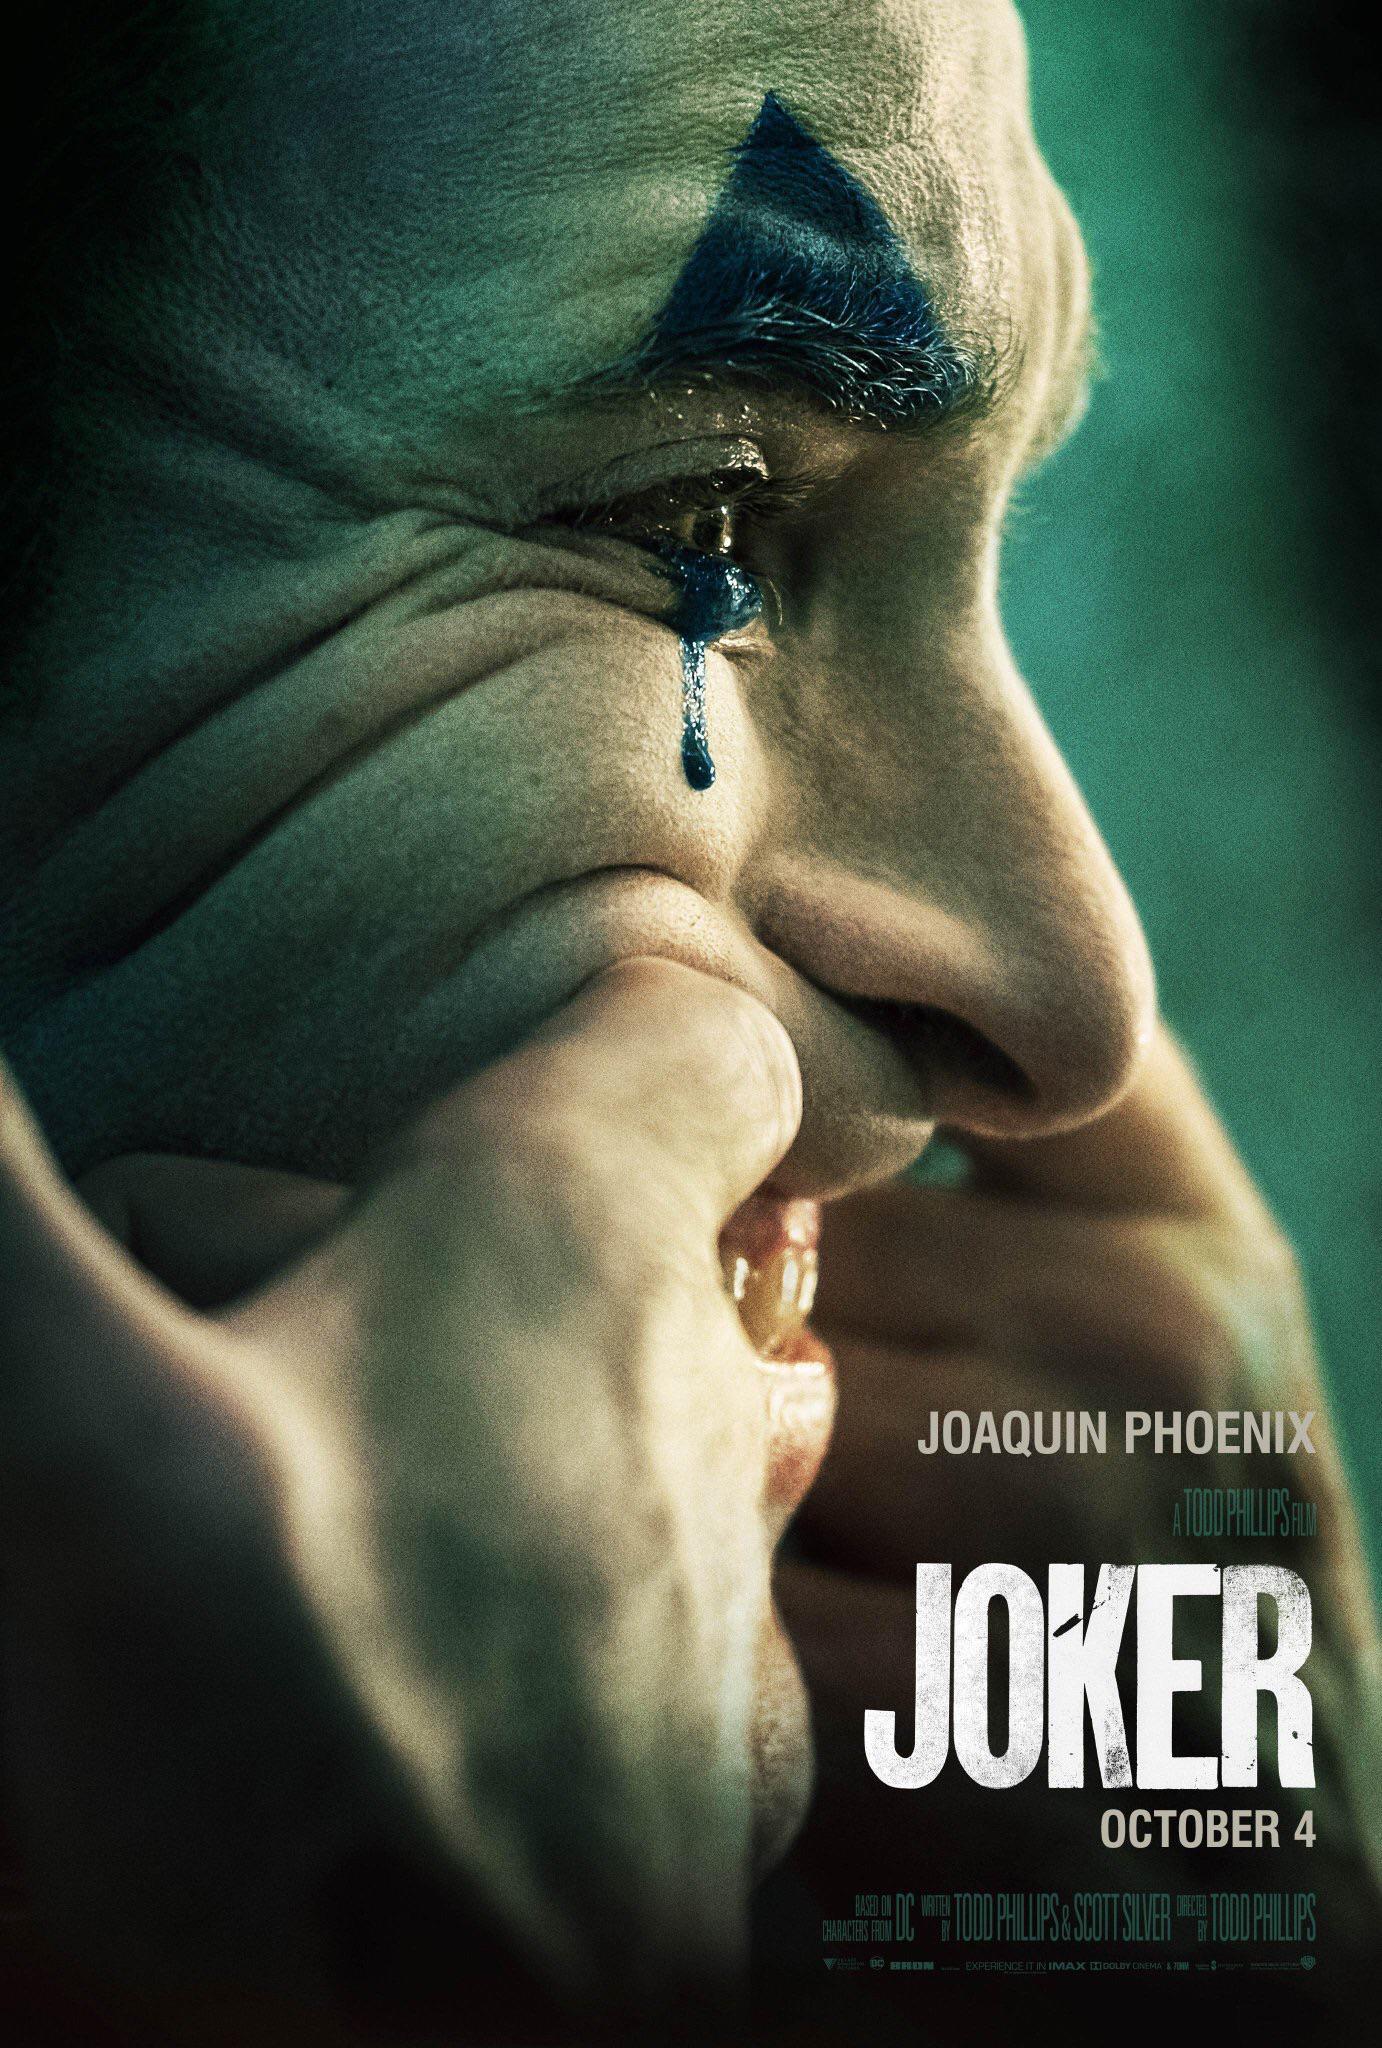 Joker Joaquin Phoenix poster